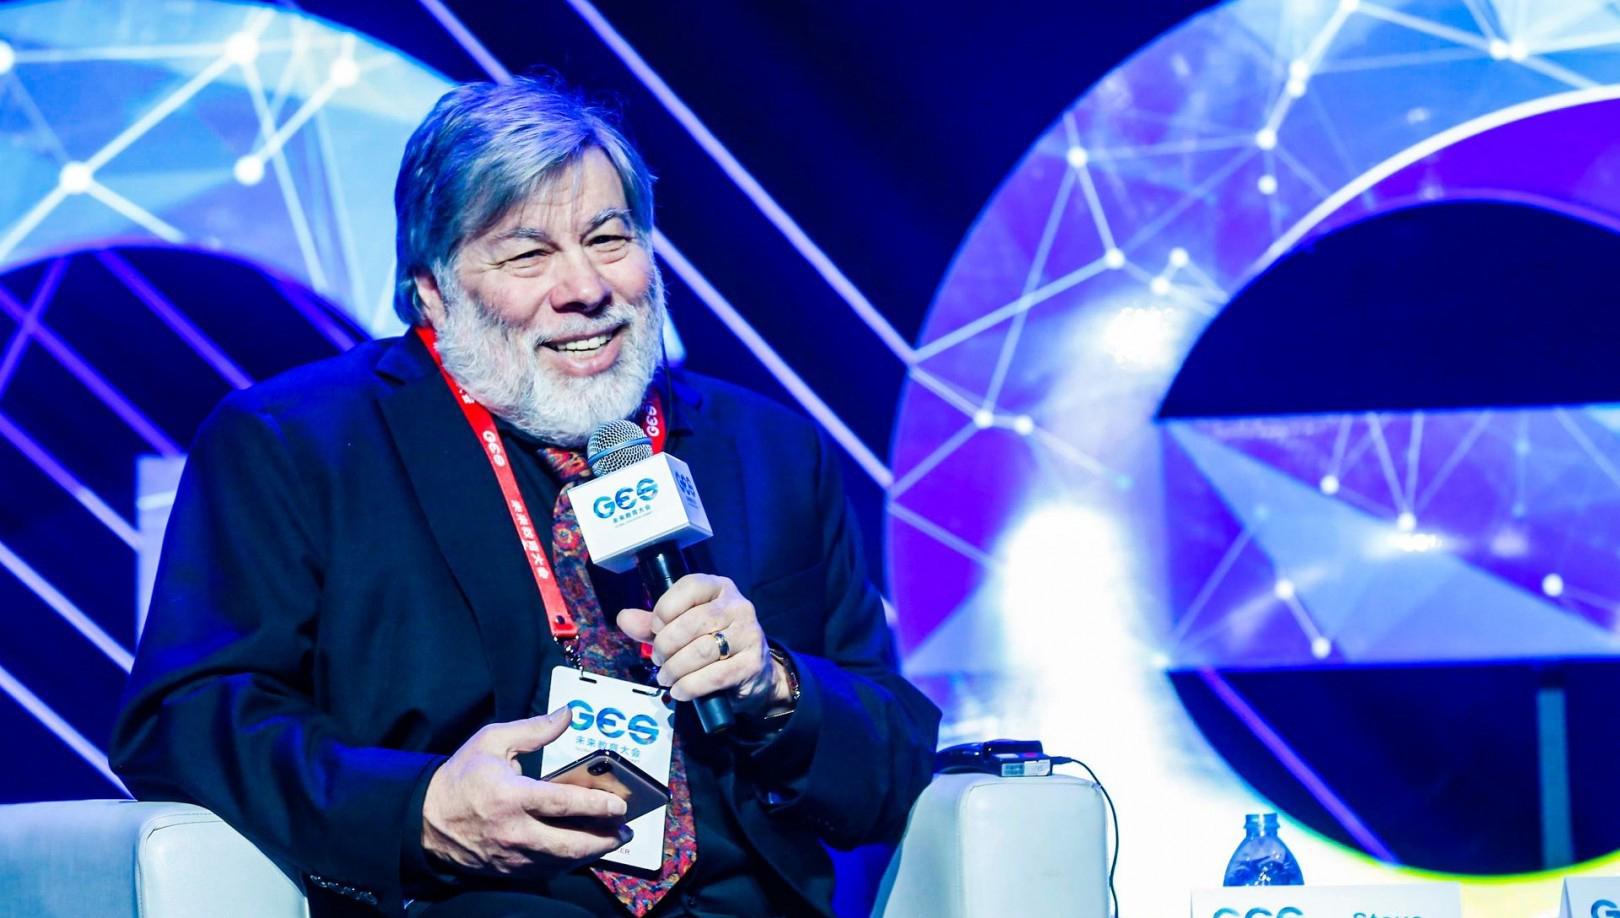 对话苹果联合创始人Steve Wozniak:编程教育才能开启未来创意时代